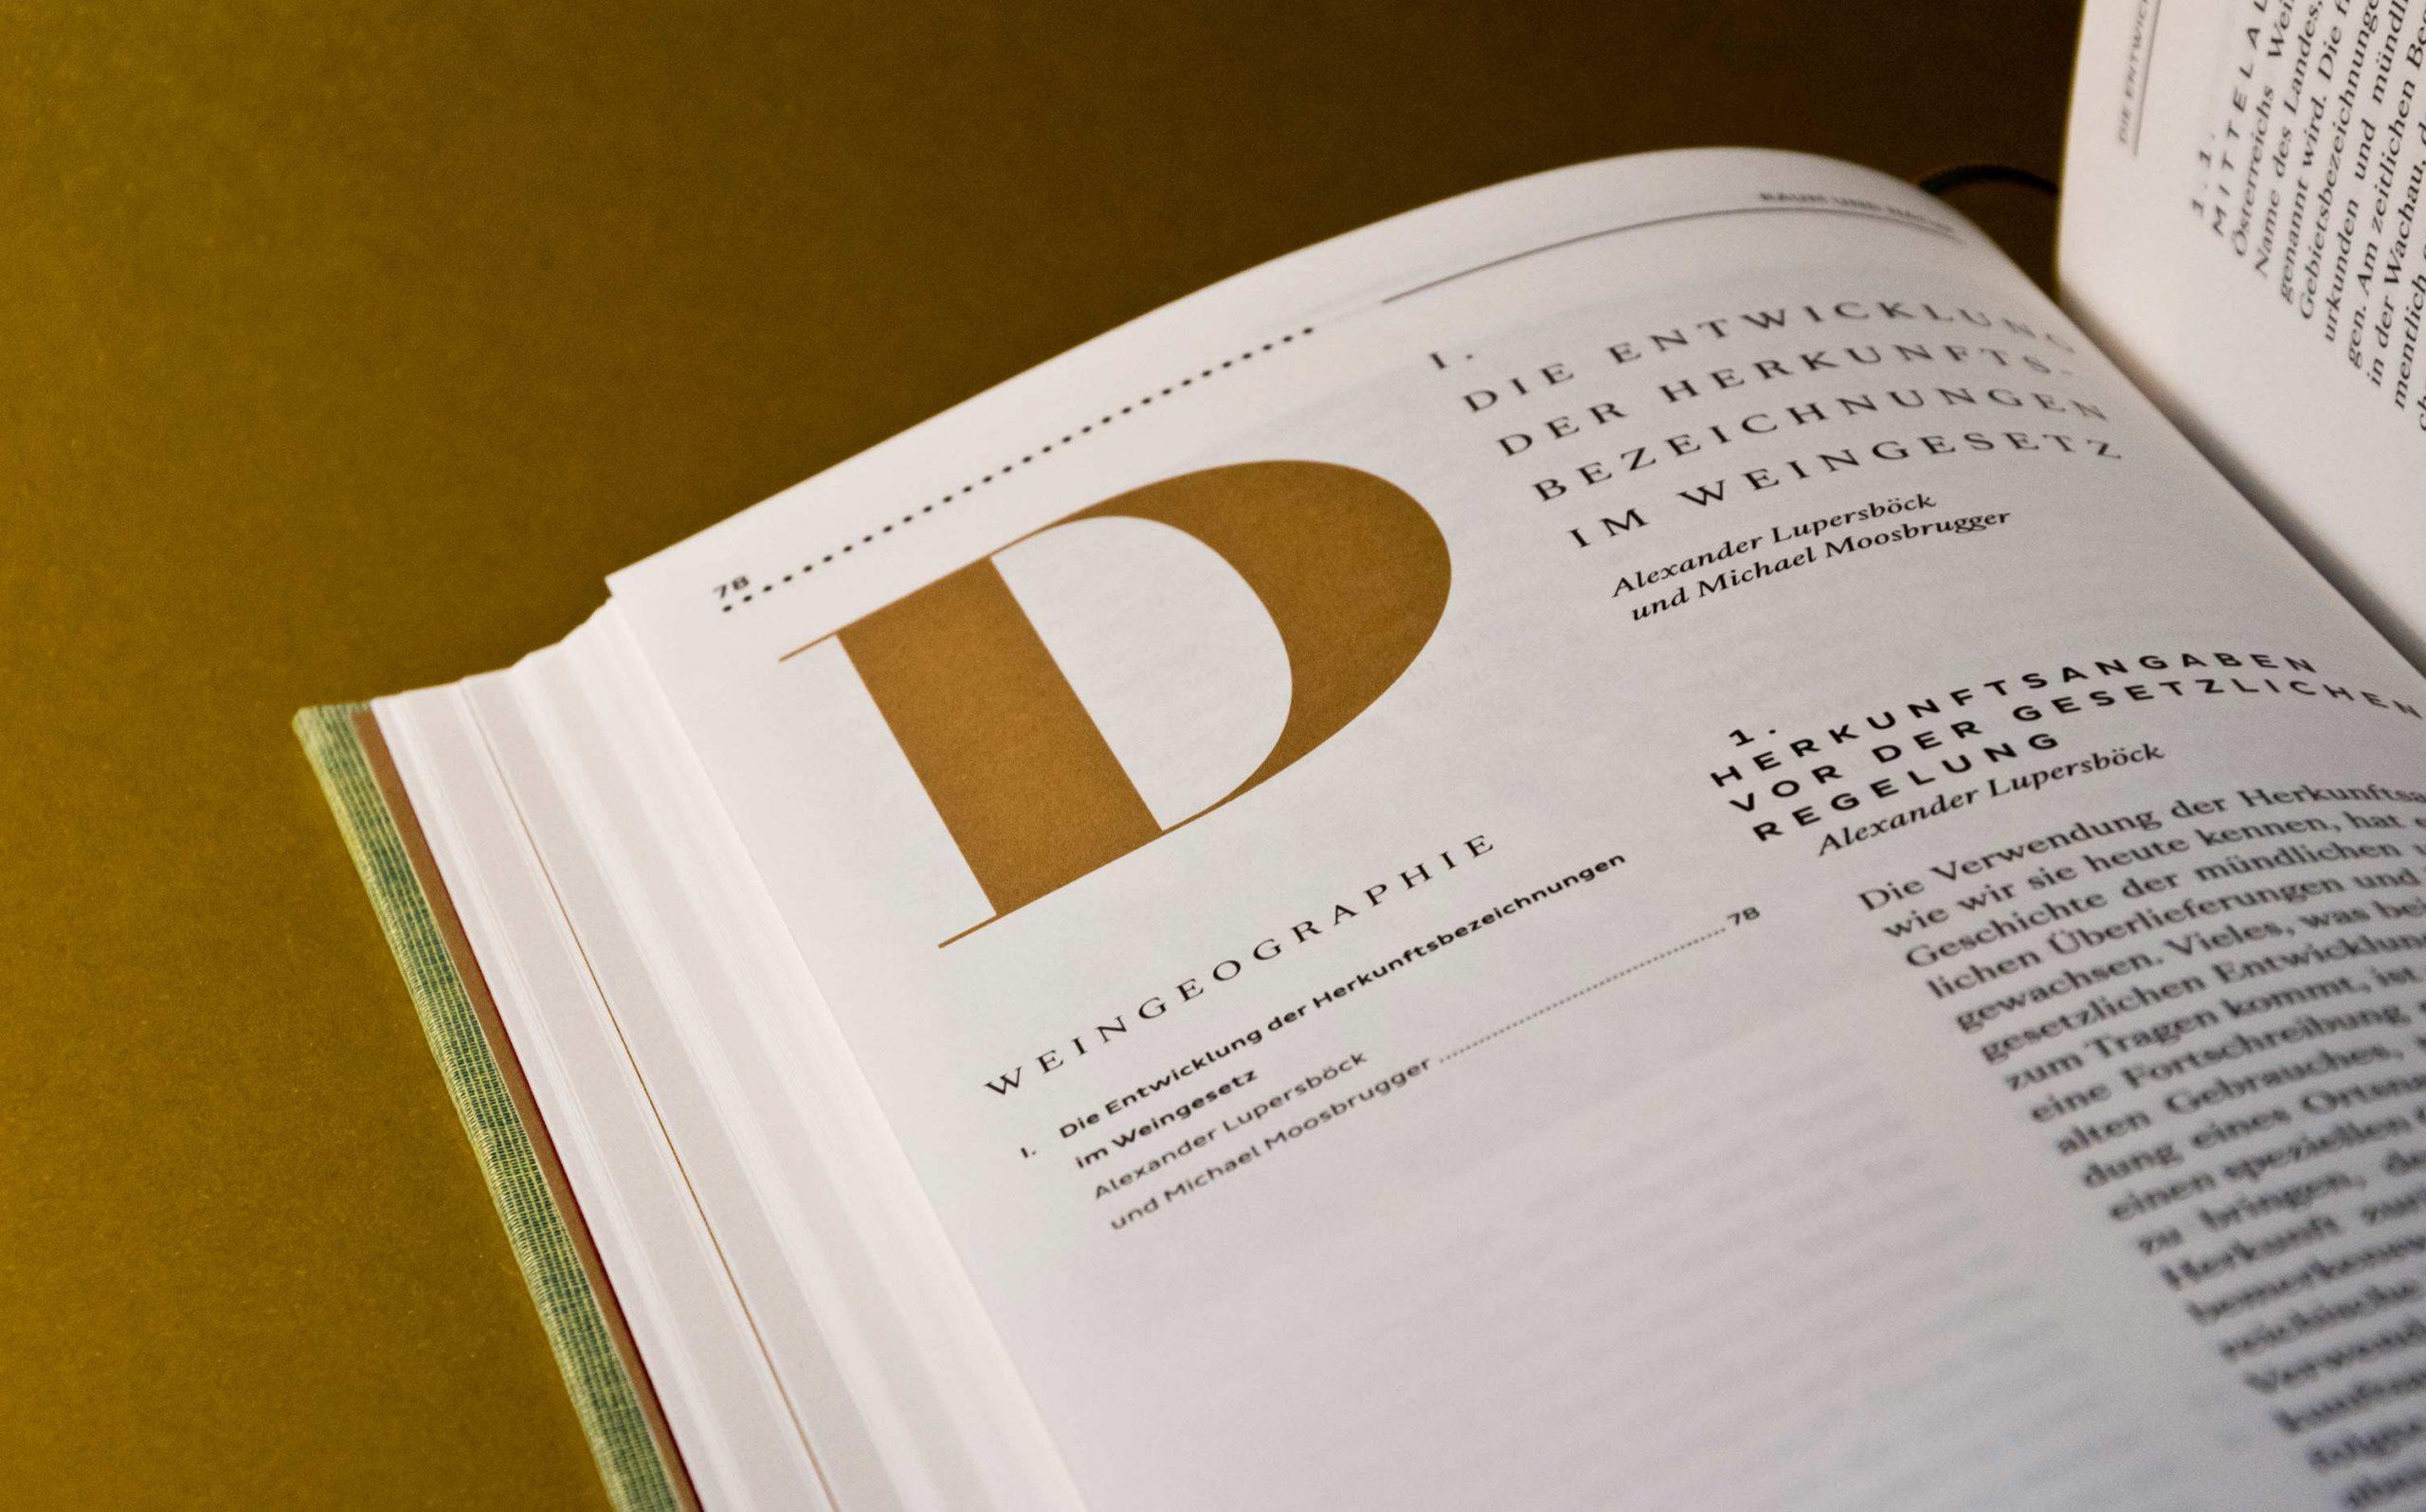 Editorial Design Wein in Österreich, Kompendium | Detail eines Kapiteleinstiegs mit großem Initial | Keywords: Kompendium, Editorial Design, Lexikon, Nachschlagewerk, Standardwerk, Mikrotypografie, Typografie